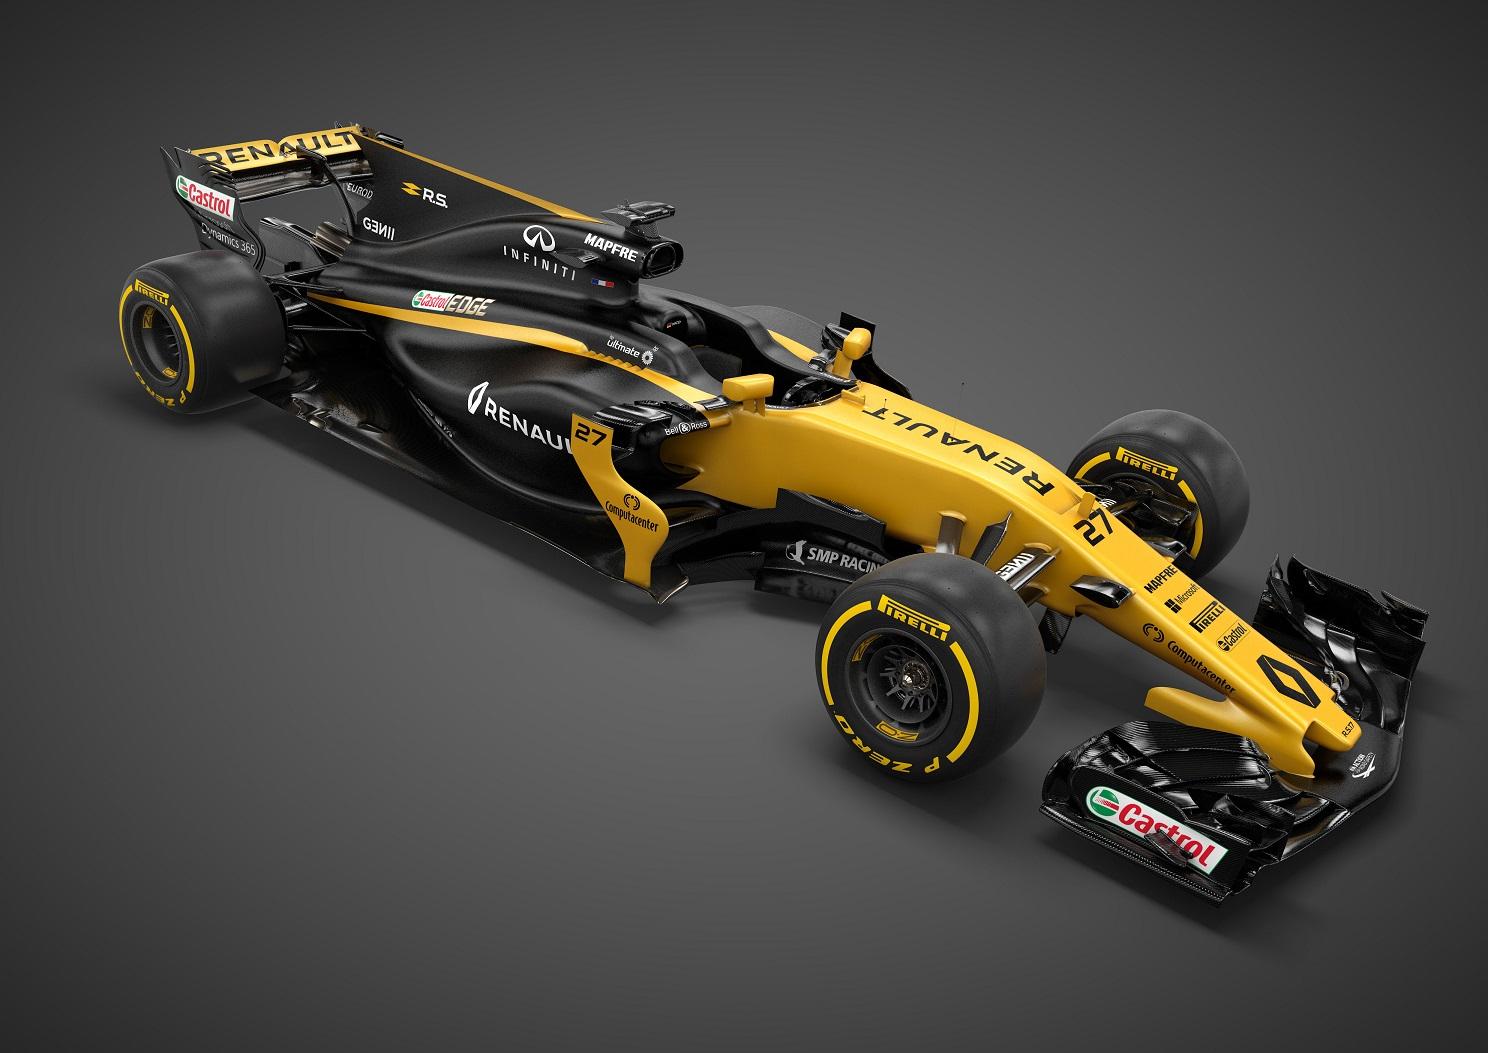 09 Renault.jpg